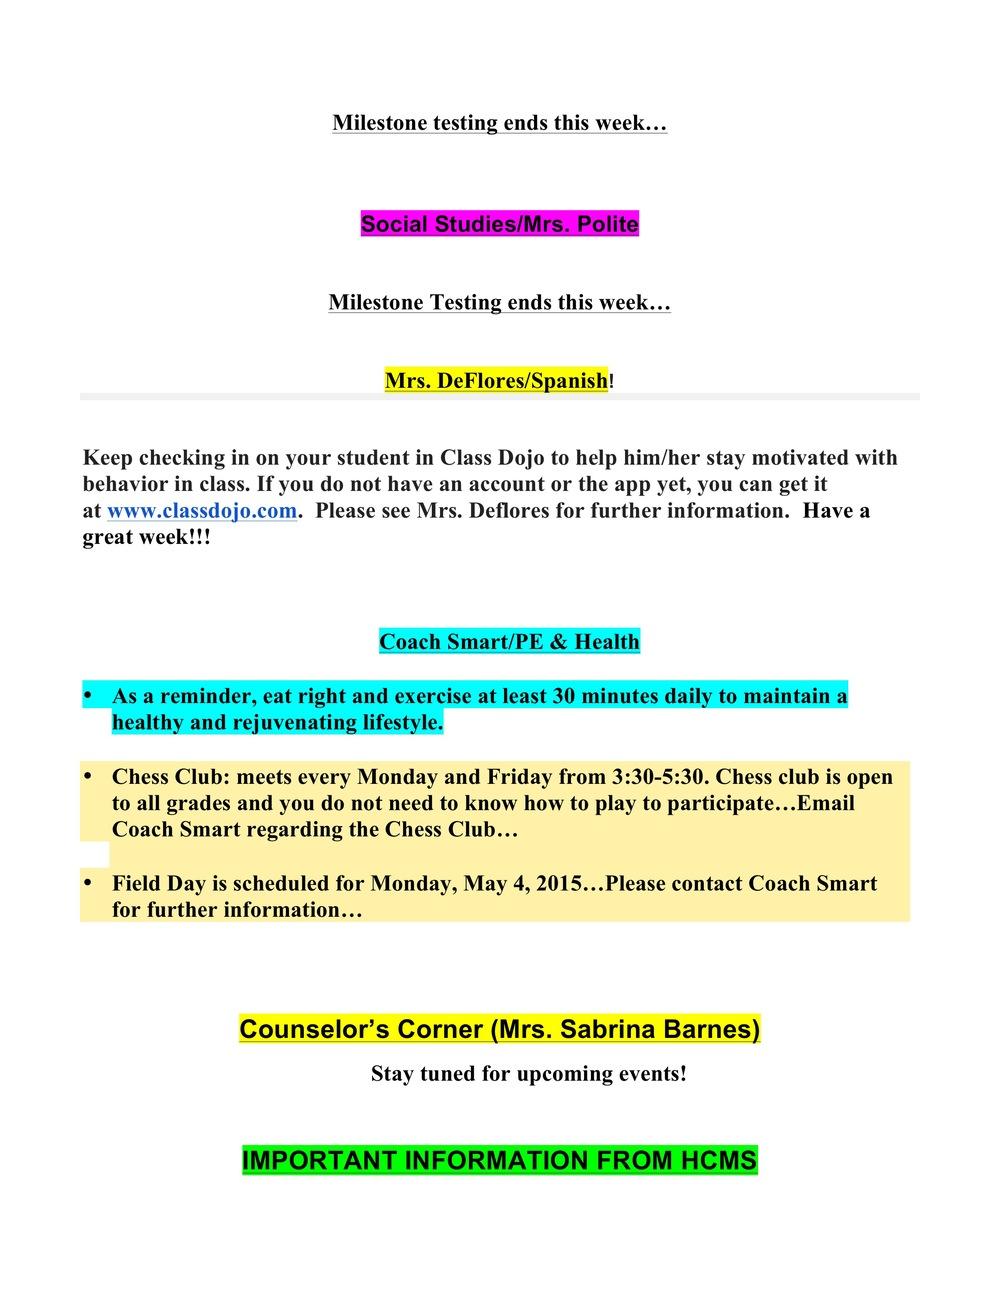 Newsletter Image7th grade April 27 3.jpeg